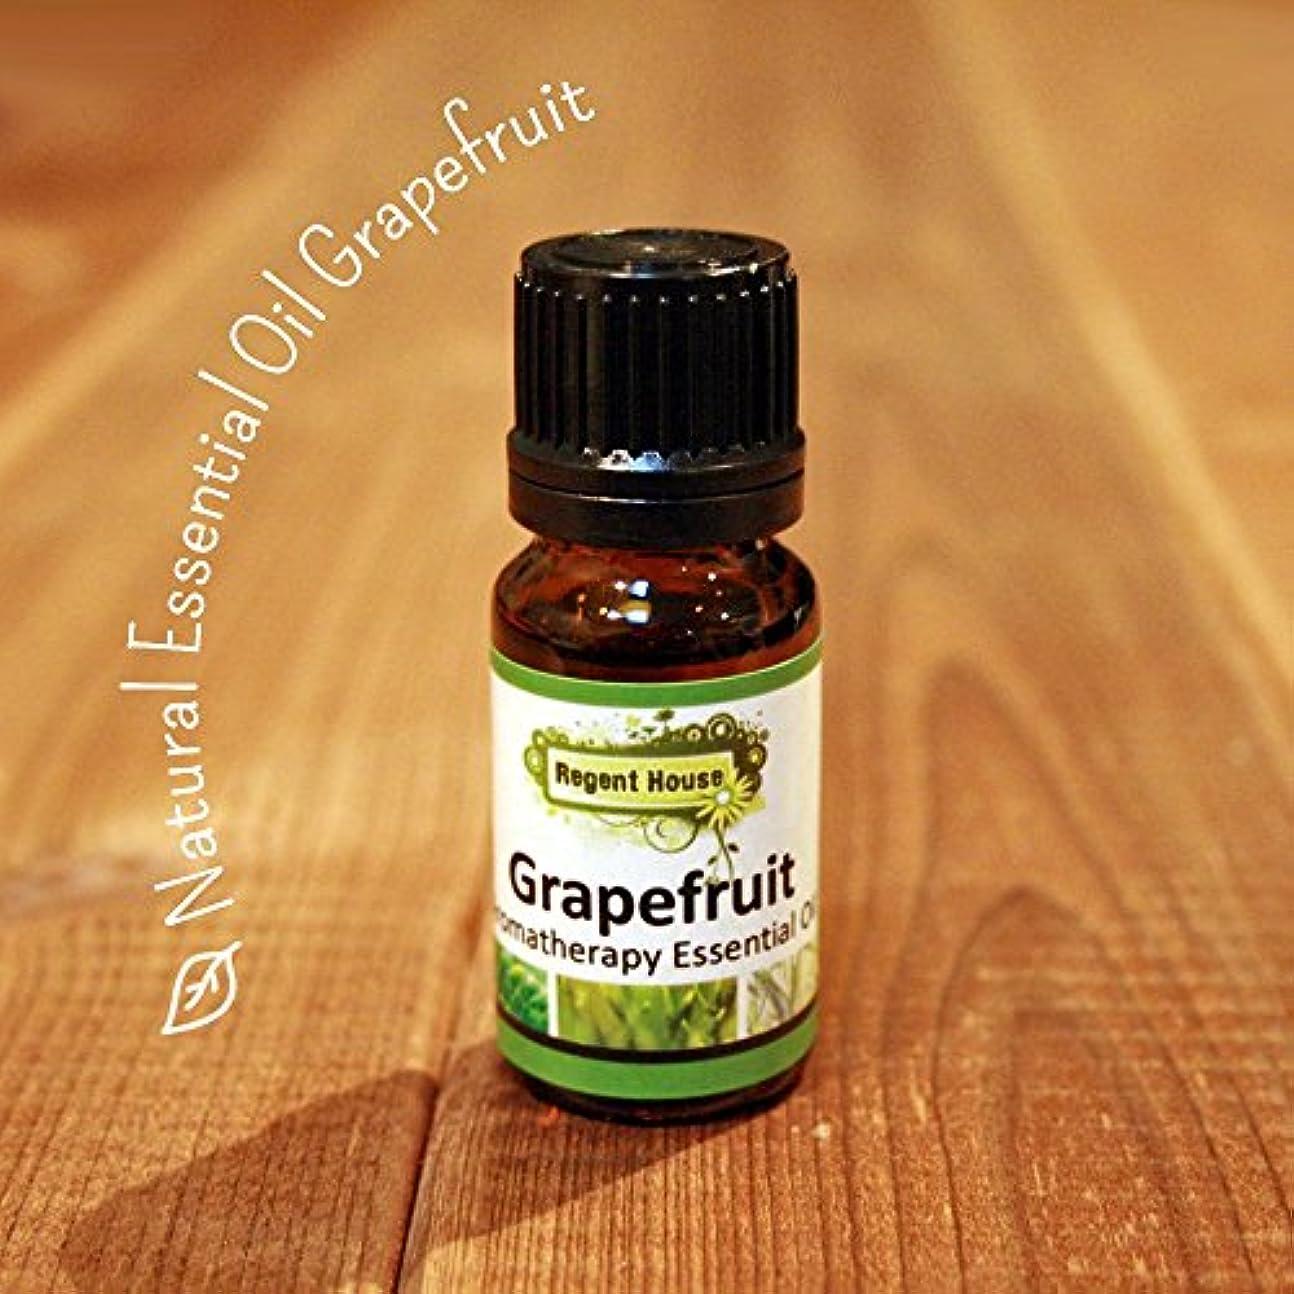 証書サンドイッチ証言するナチュラルエッセンシャルオイル グレープフルーツ(Grapefruit)